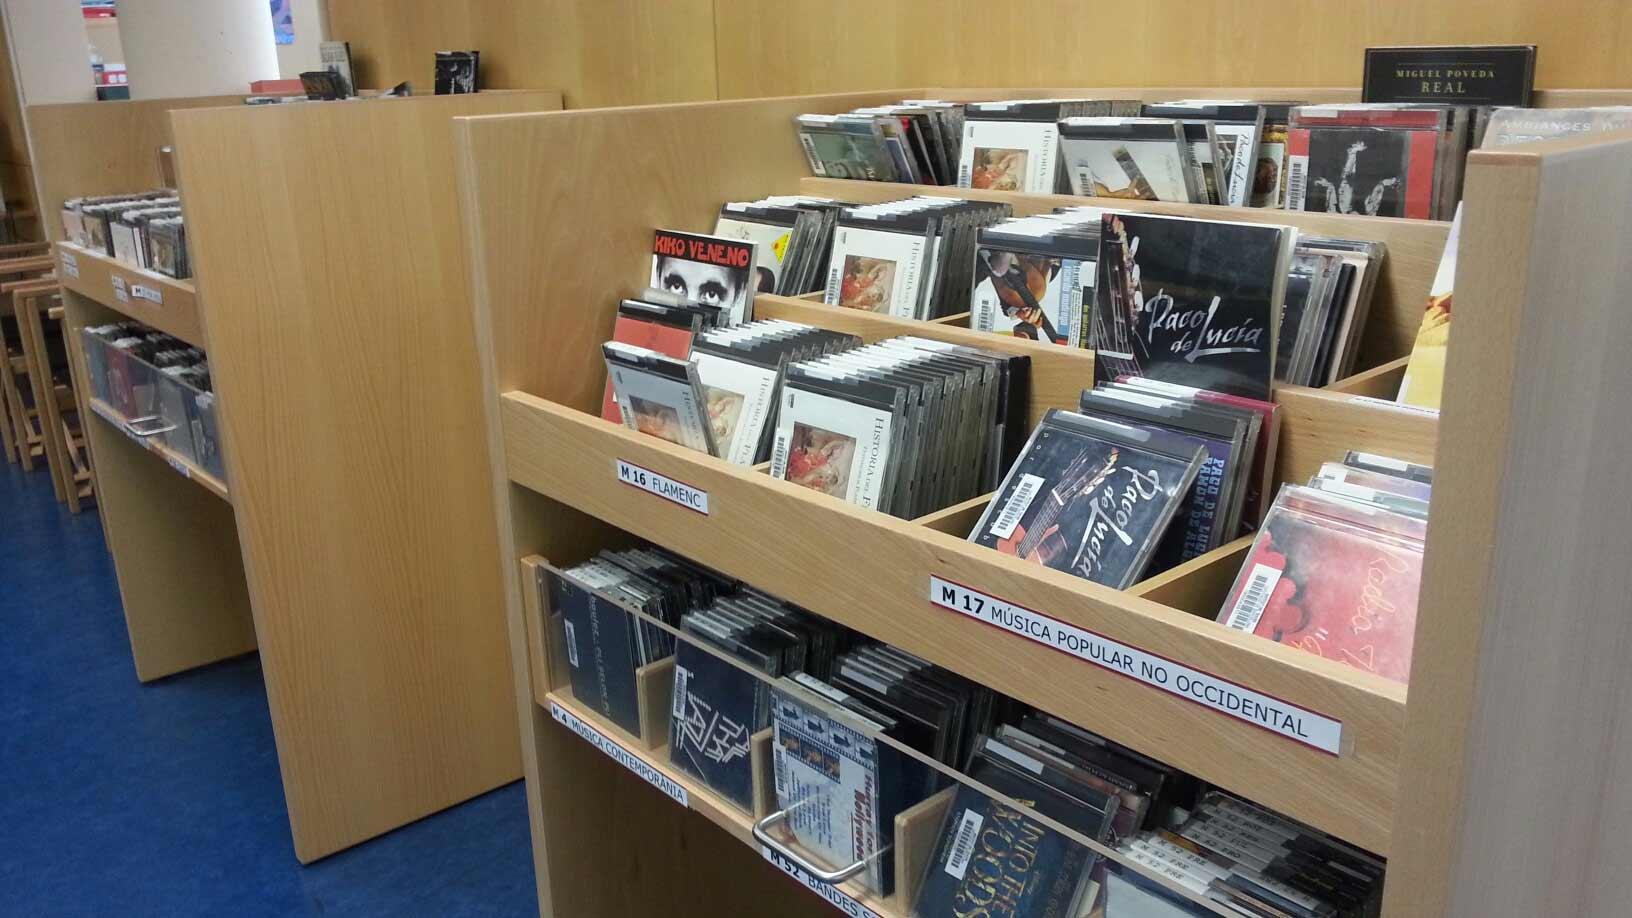 Secció d'àudio a la biblioteca de Barcelona del MAE